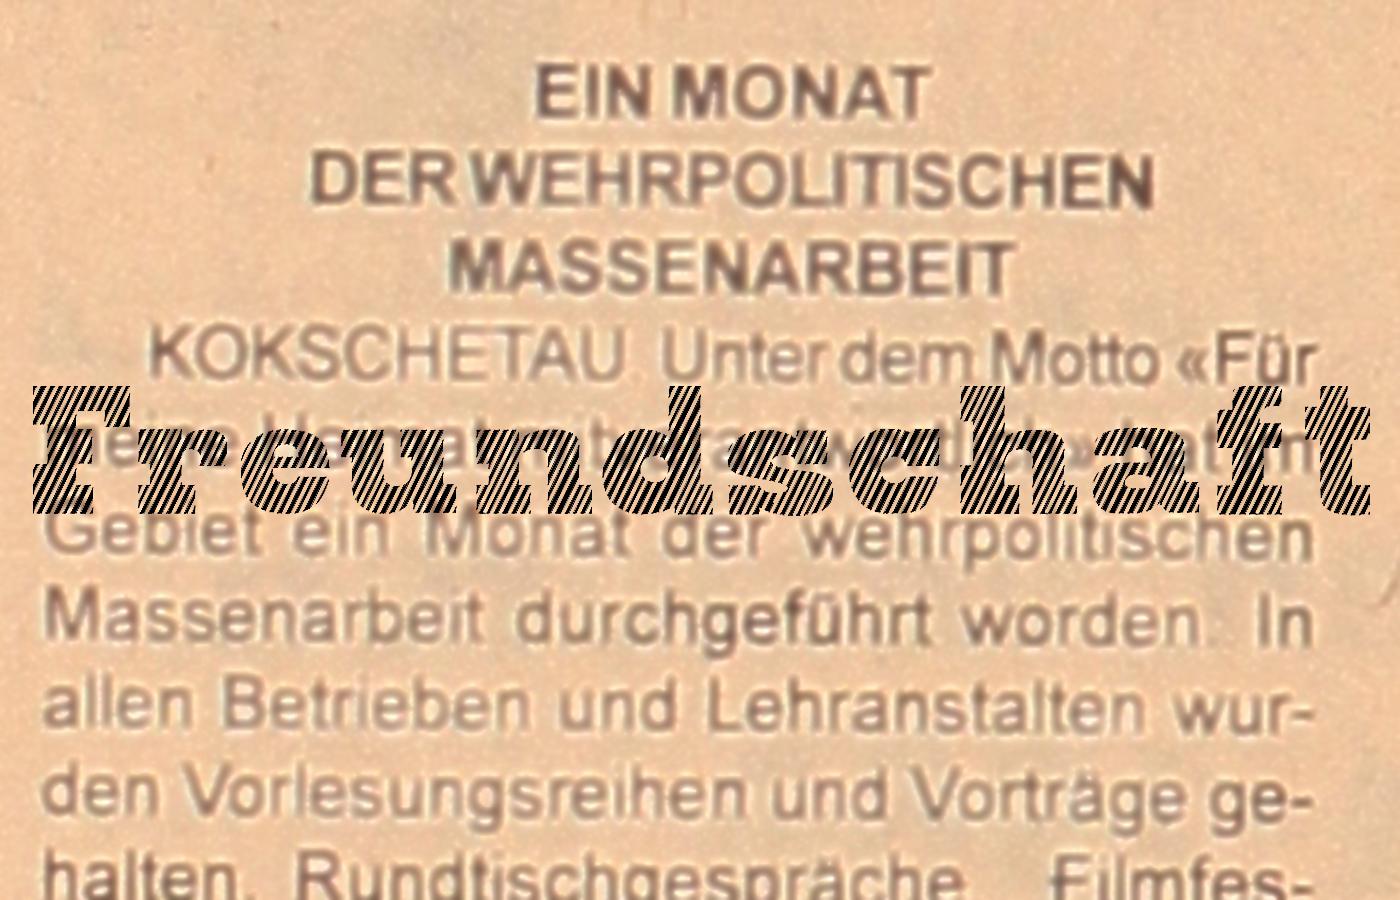 По страницам «Freundschaft». — № 23 от 8 июня 1996 г.